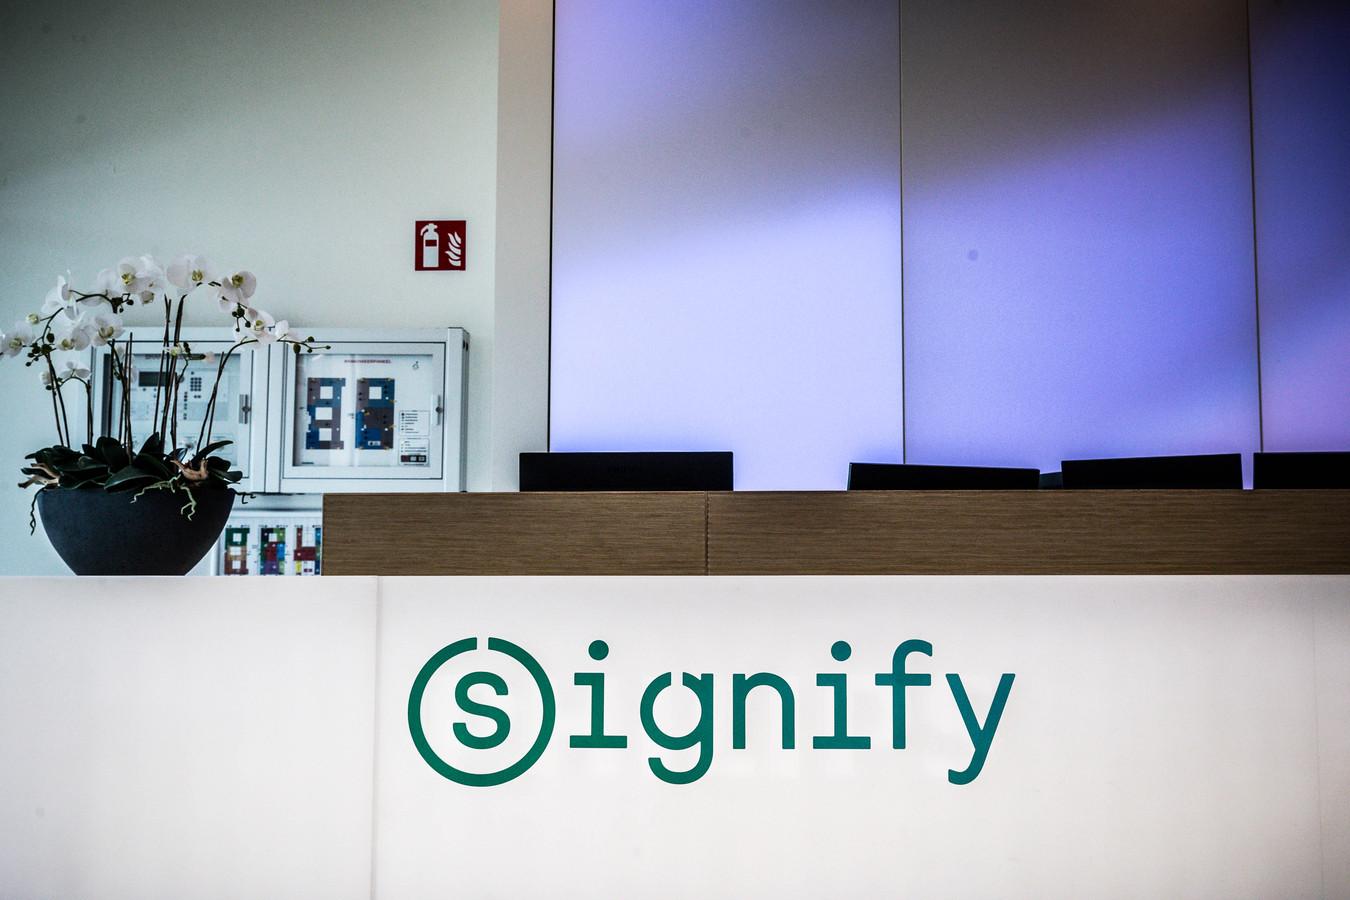 De Nederlandse verlichtingsfabrikant Signify gaat zijn aanbod van UV-lampen die virussen doden uitbreiden.